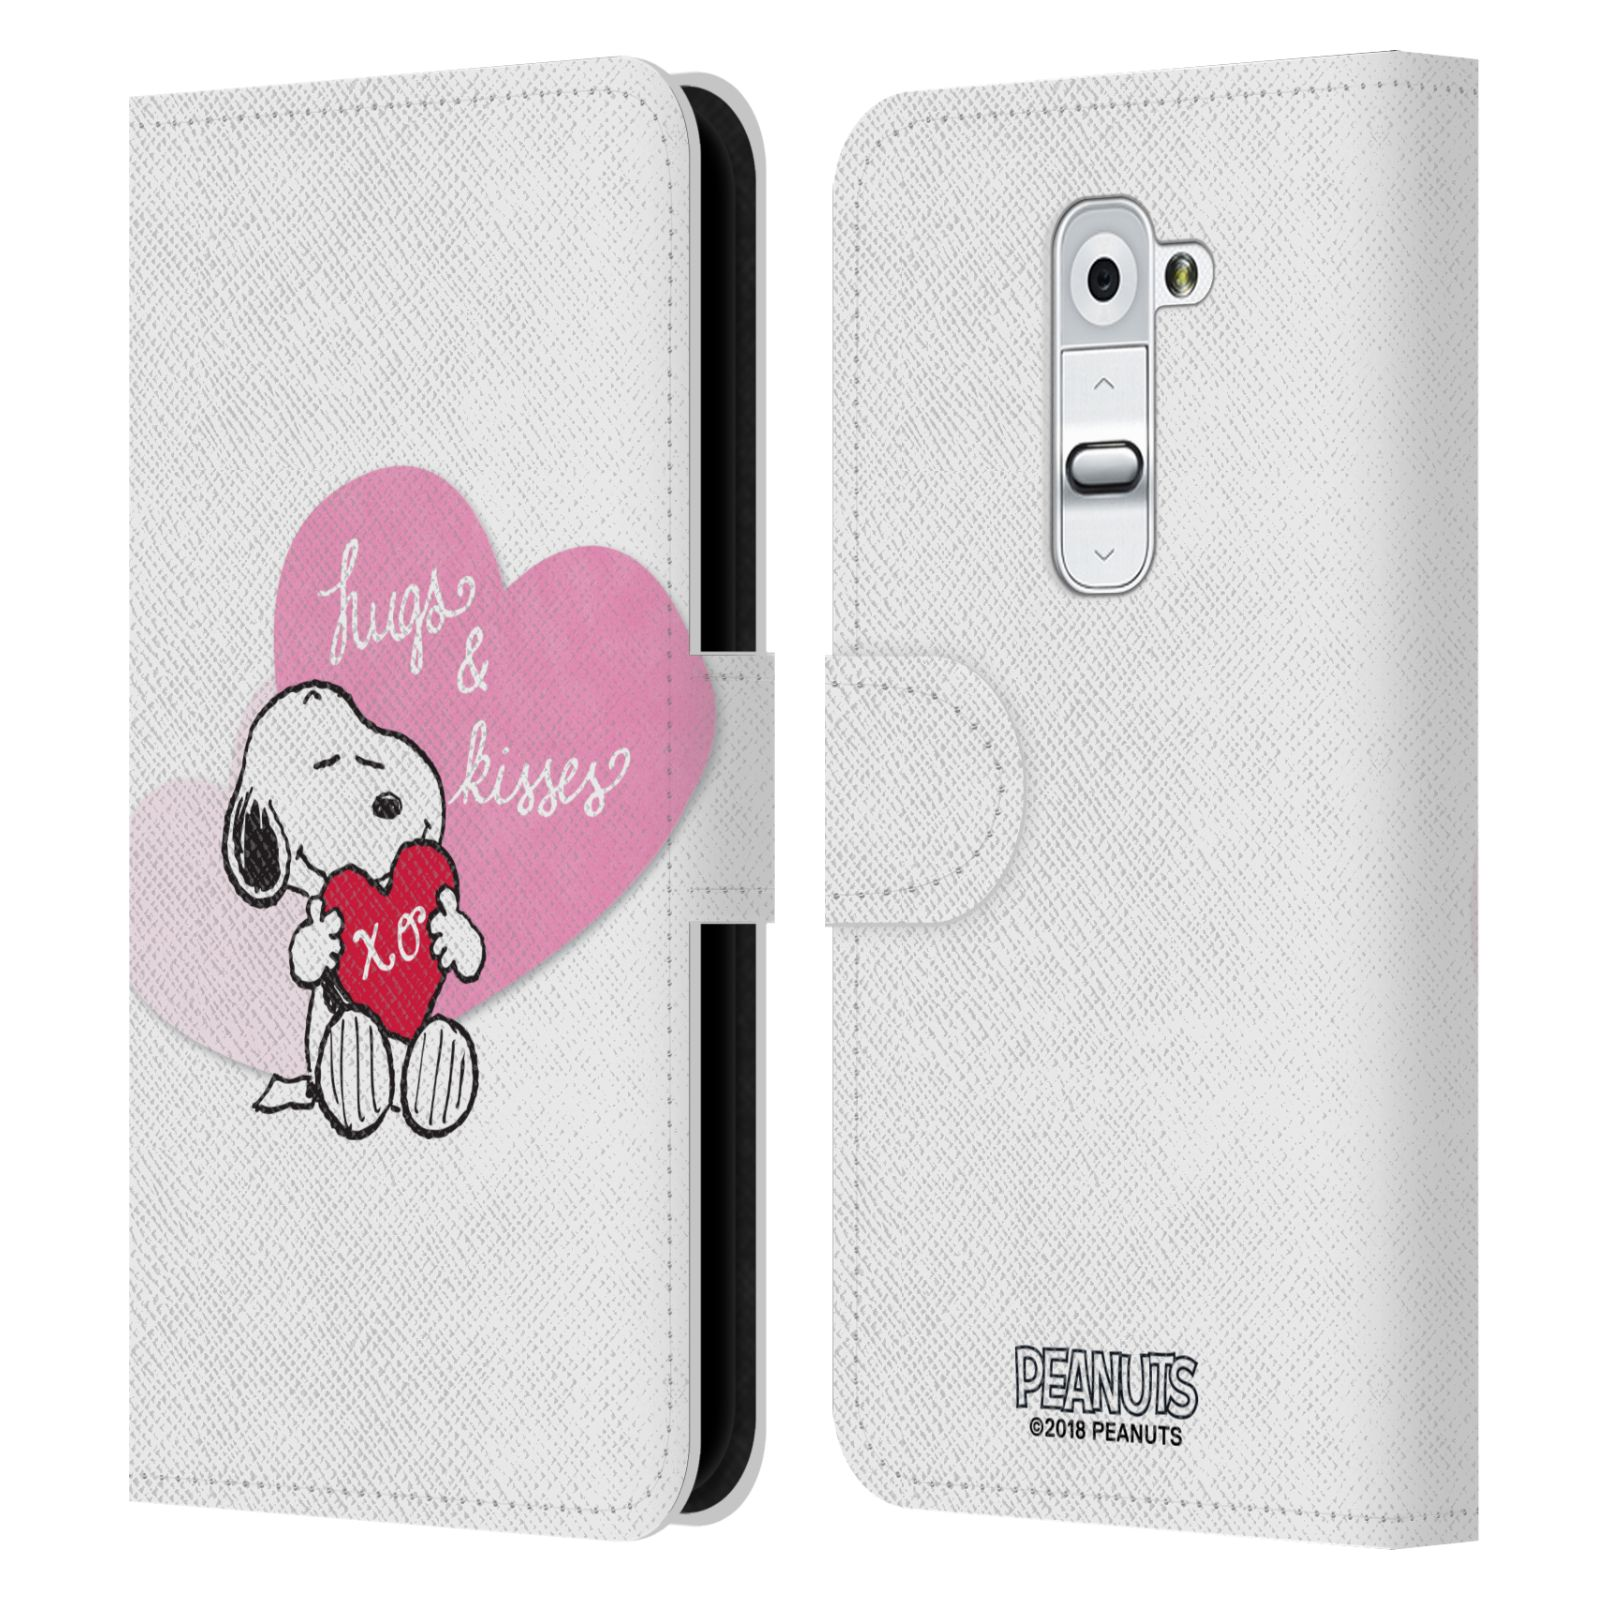 Pouzdro na mobil LG G2 - Head Case - Peanuts - Snoopy pejsek se srdíčkem